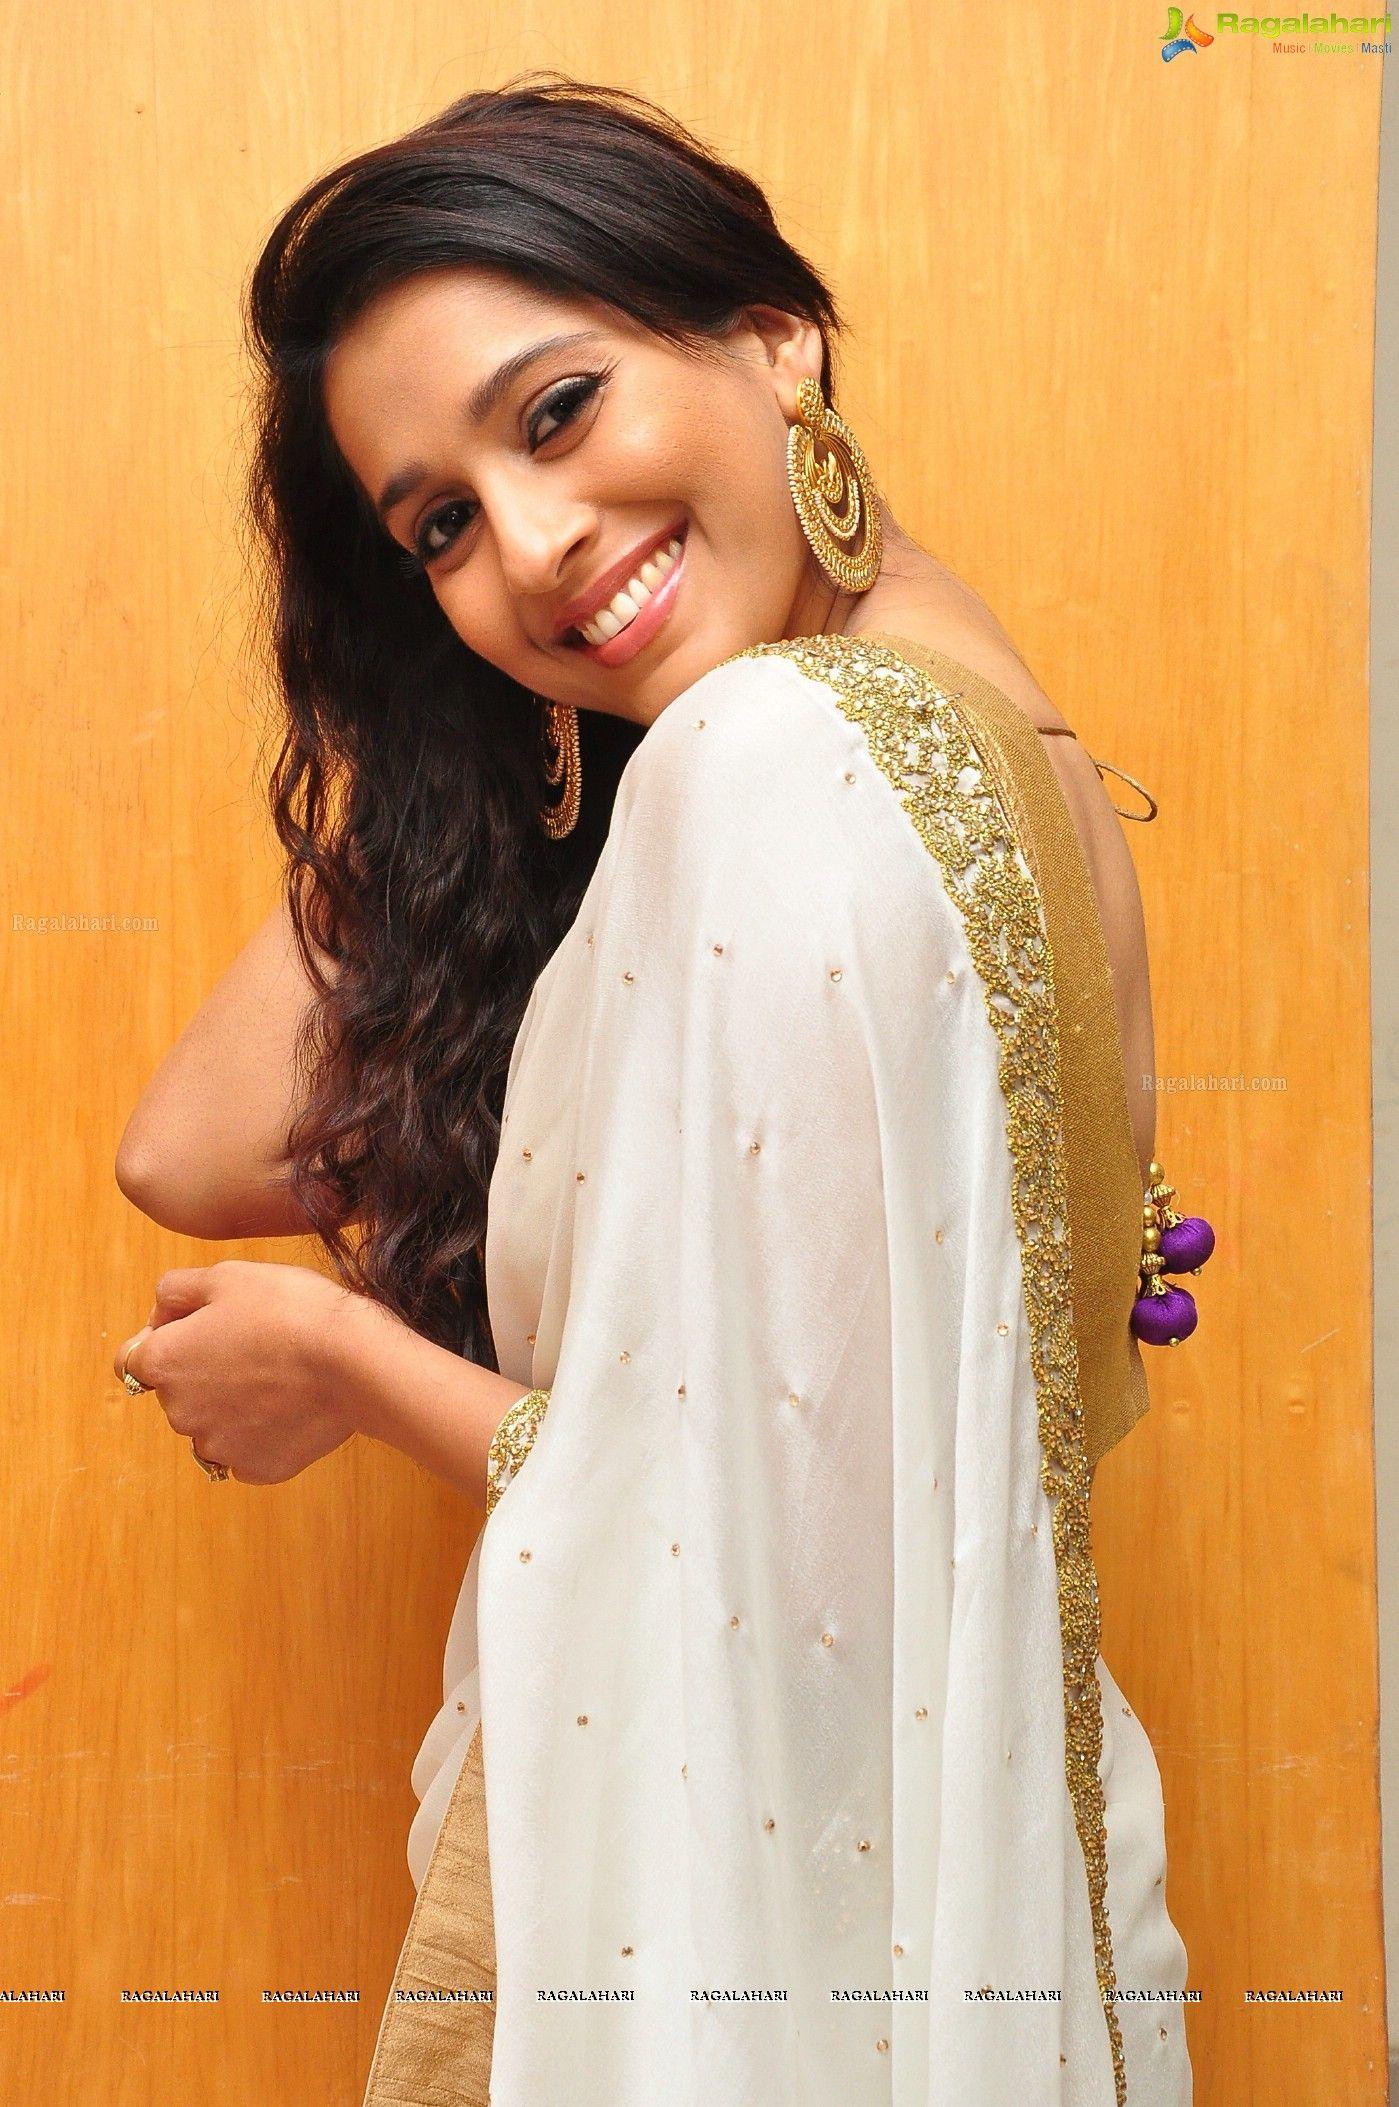 Rashmi Gautam Cute Celebs Pinterest Latest Pics Nuku Sydney Nude Glossy Heels Ivory 40